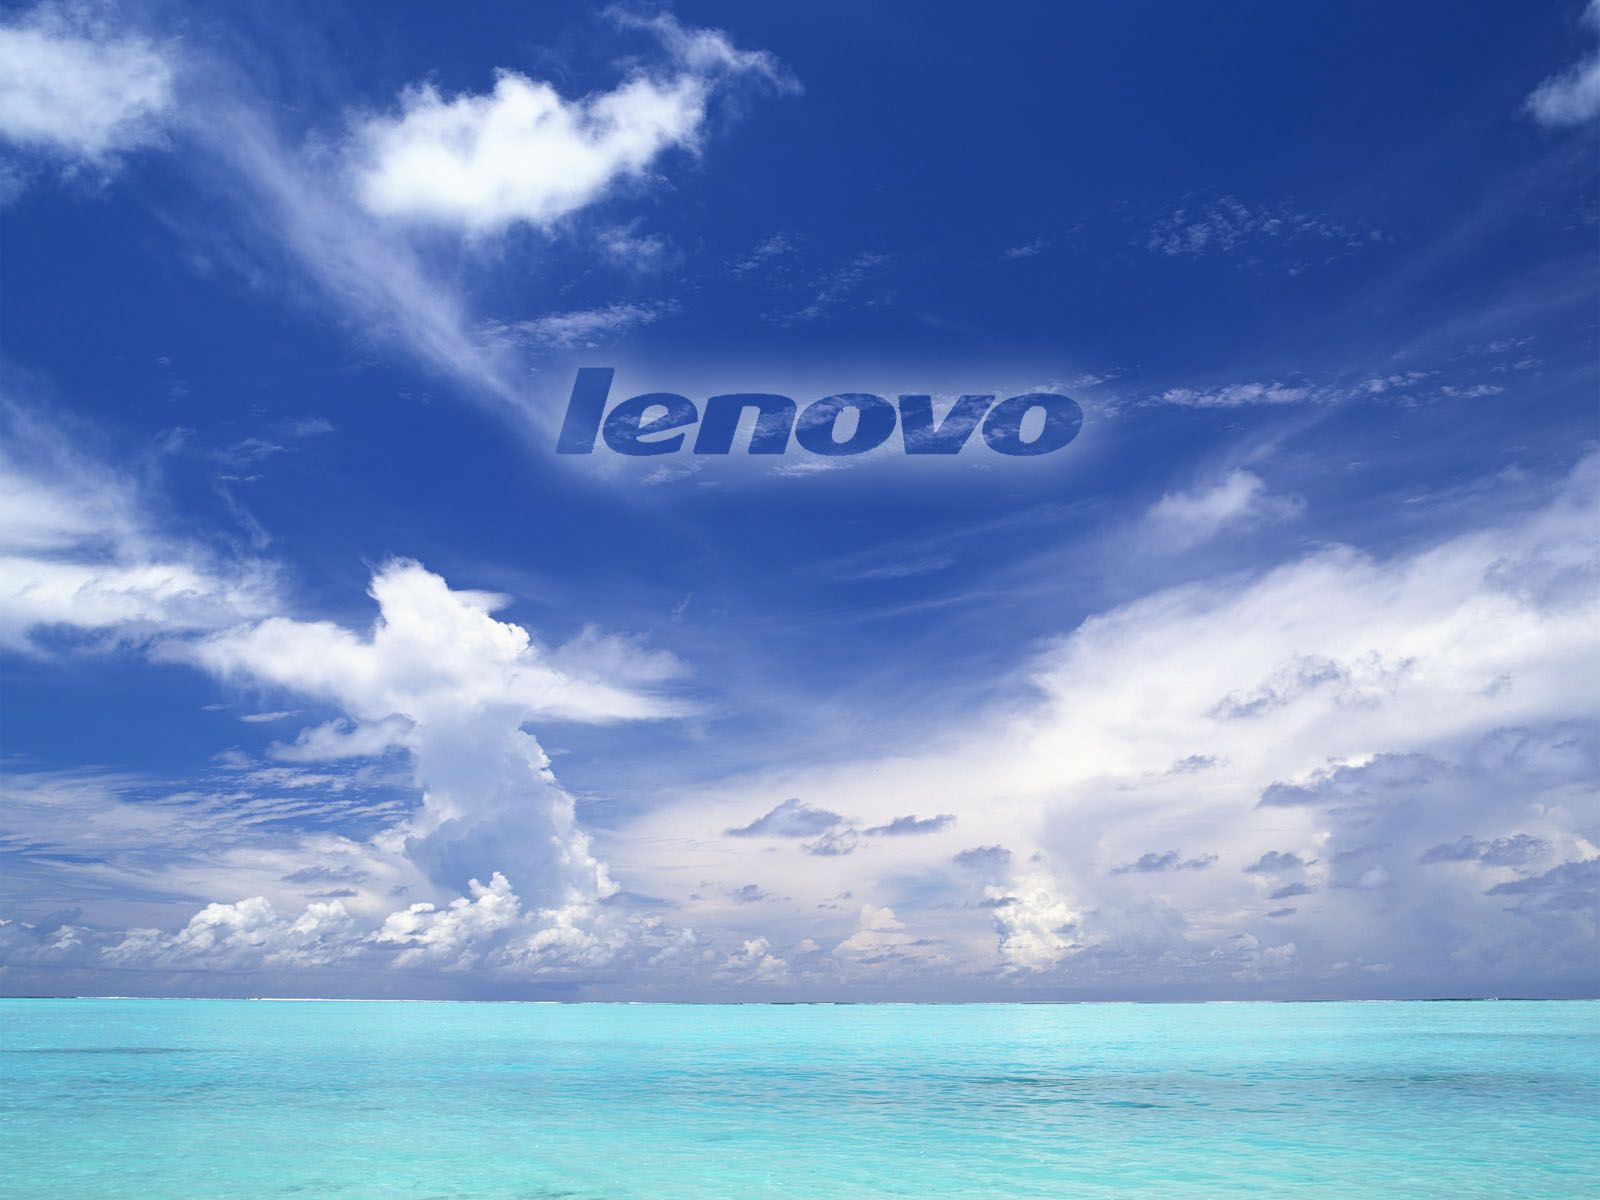 Lenovo High Resolution Abstract Wallpapers - Top Free Lenovo High